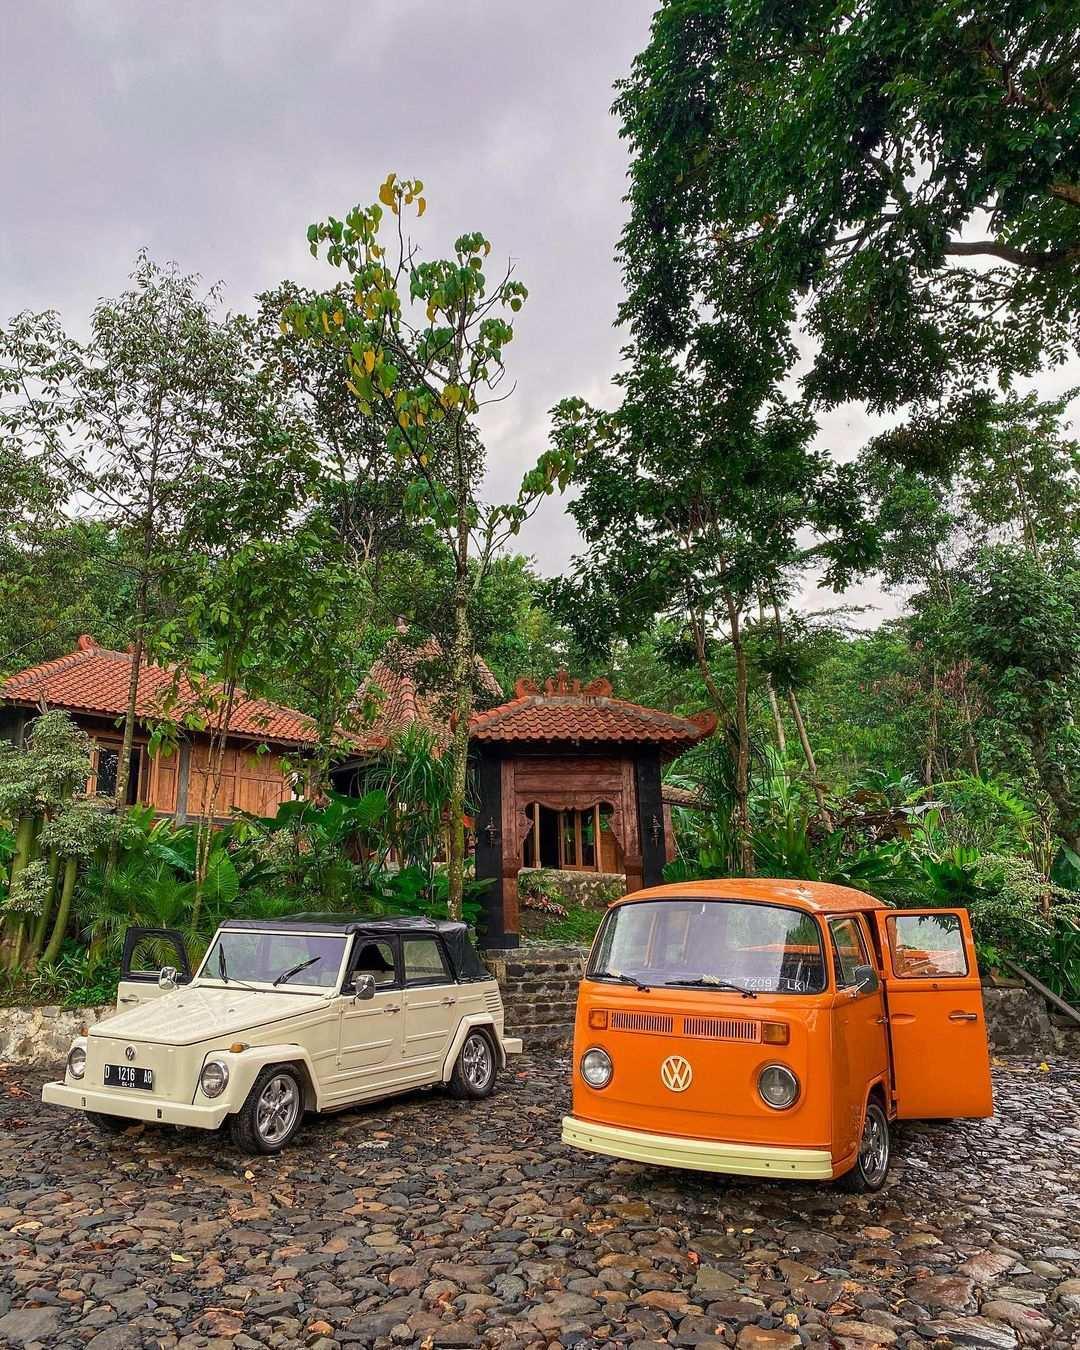 Mobil VW di Sawah Segar Sentul Bogor Image From @sawahsegarsentul